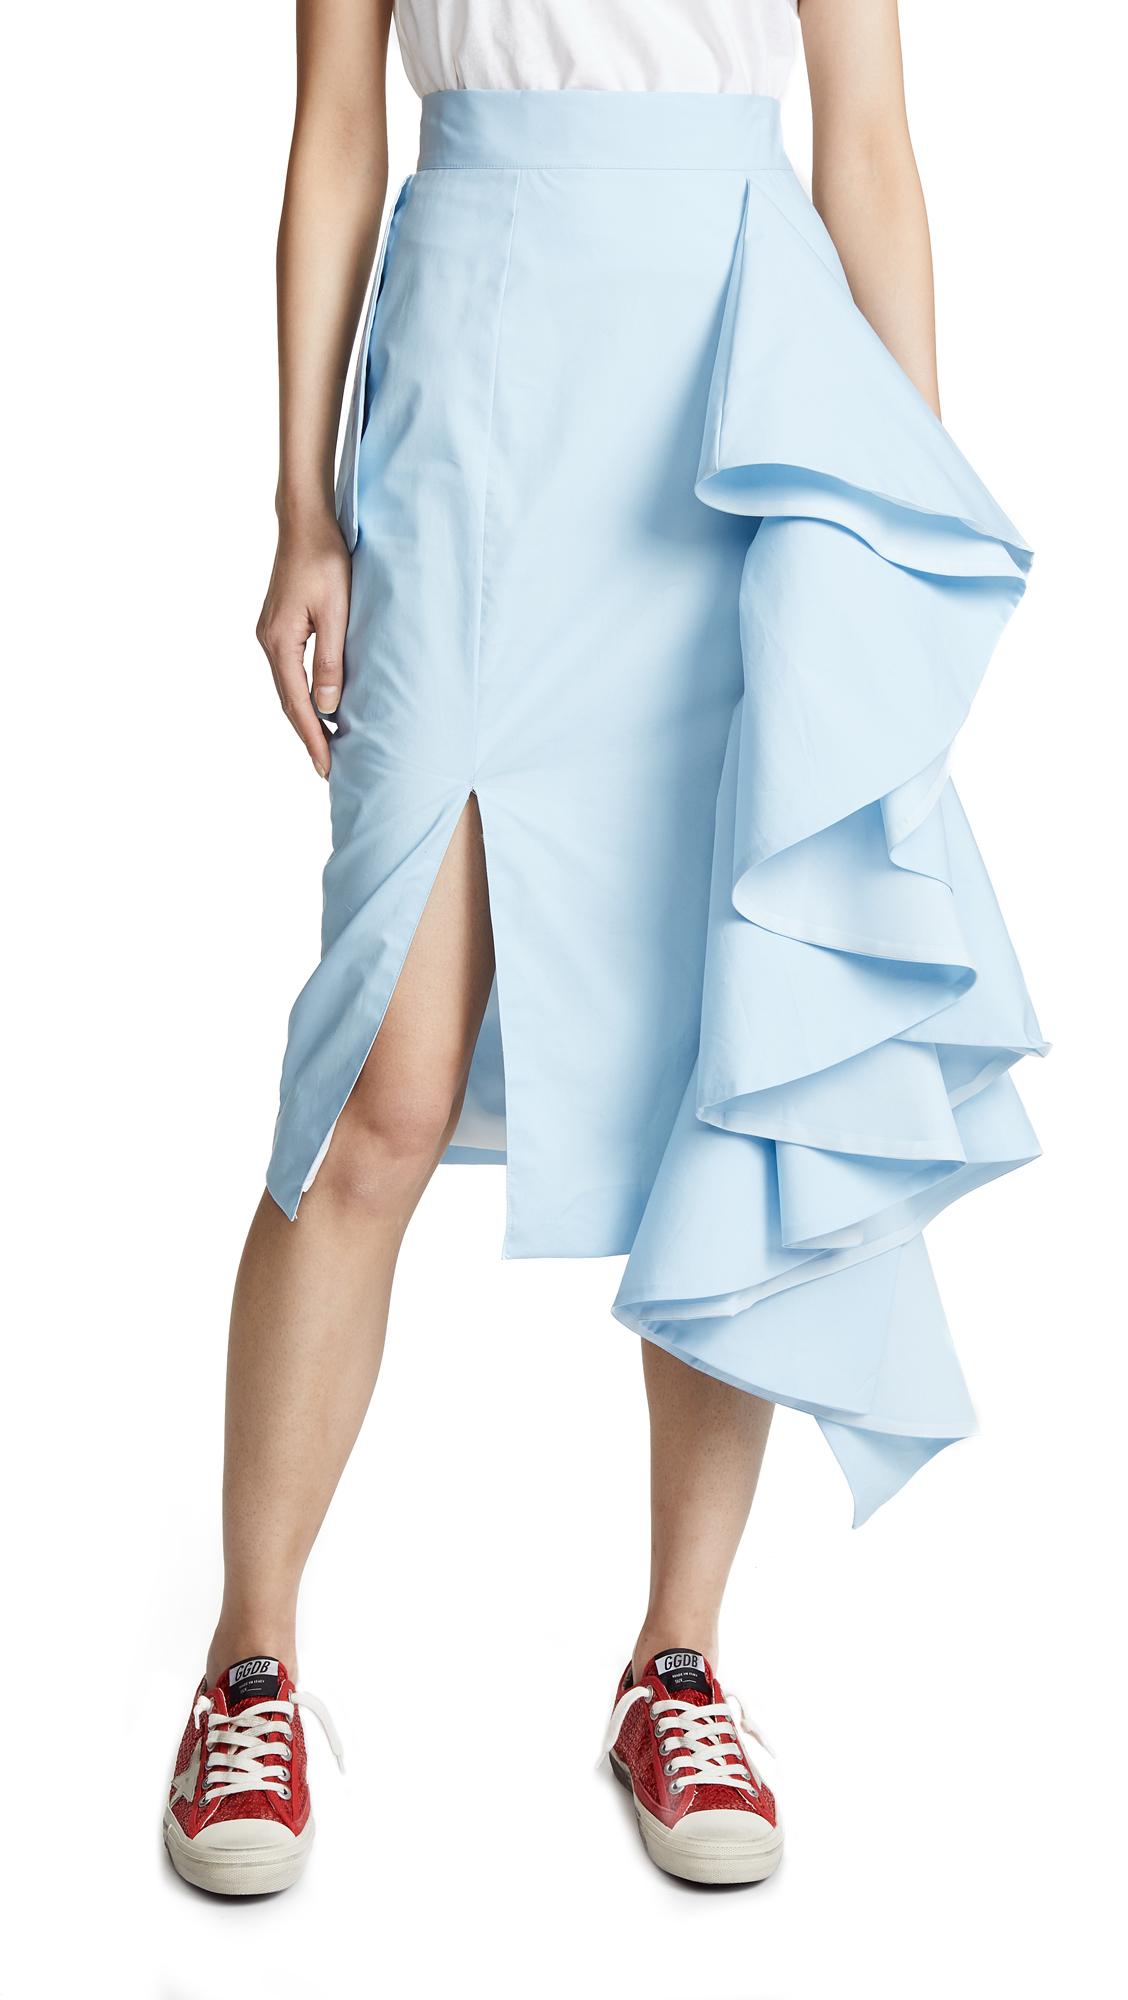 STYLEKEEPERS Love Affair Skirt in Sky Blue